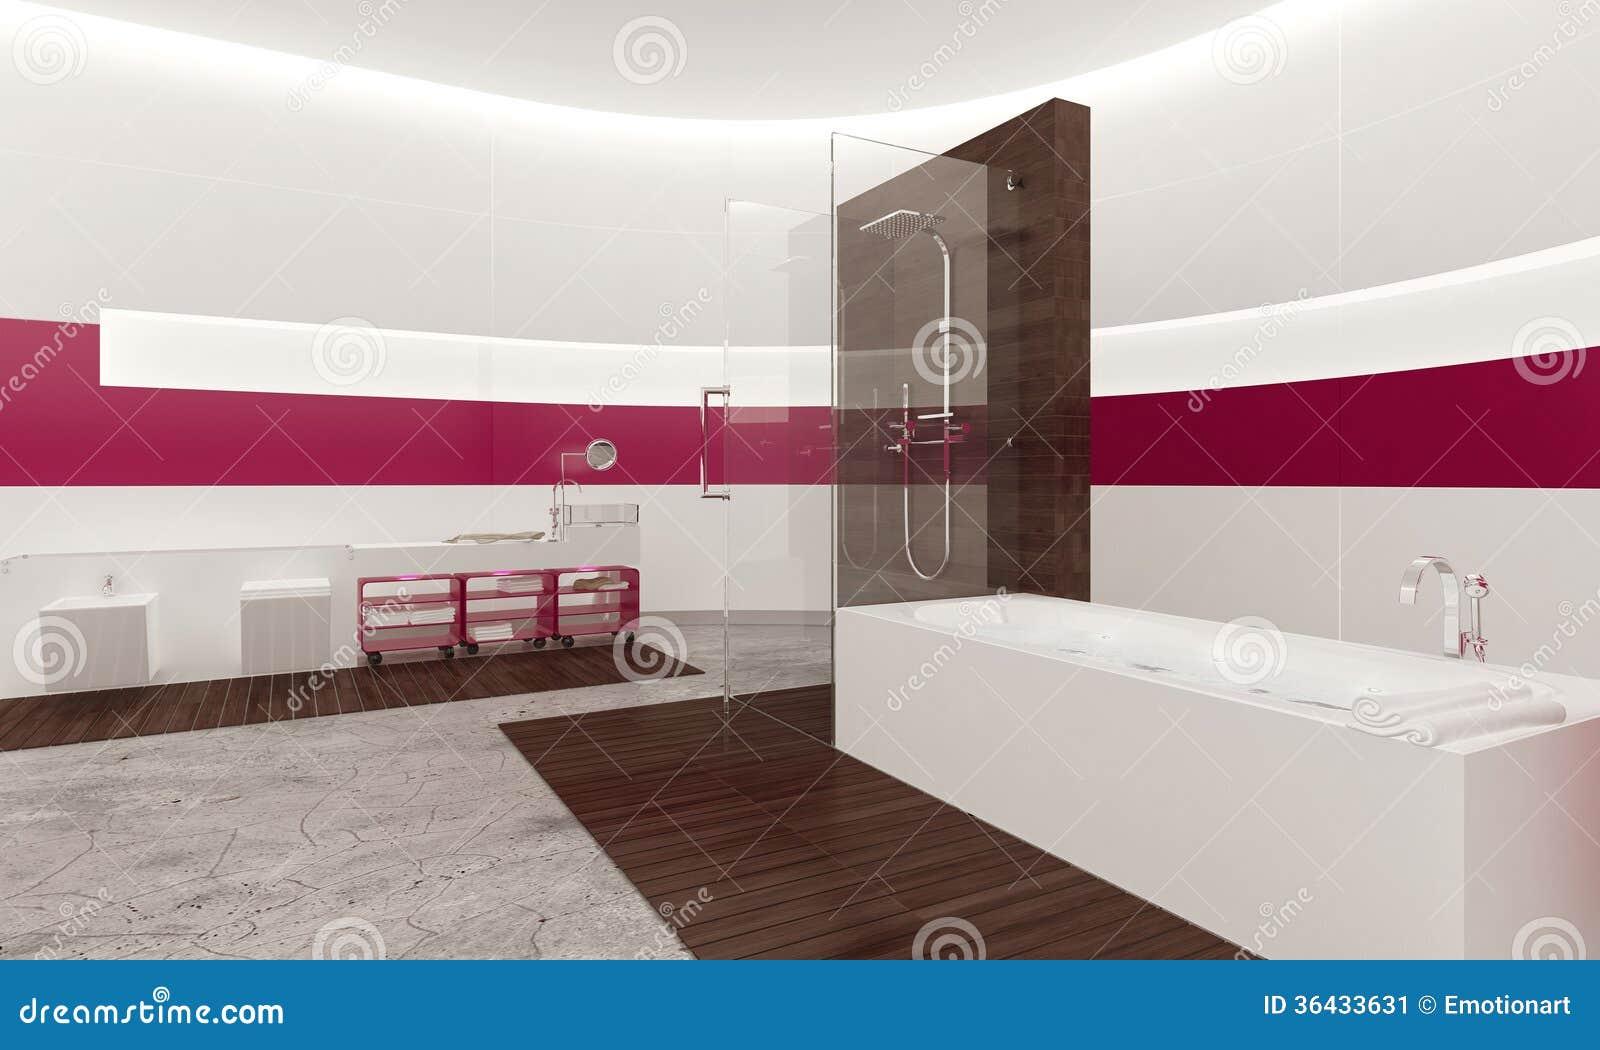 Bagno Lilla E Rosa : Bagno rosa e bianco ~ la migliore scelta di casa e interior design